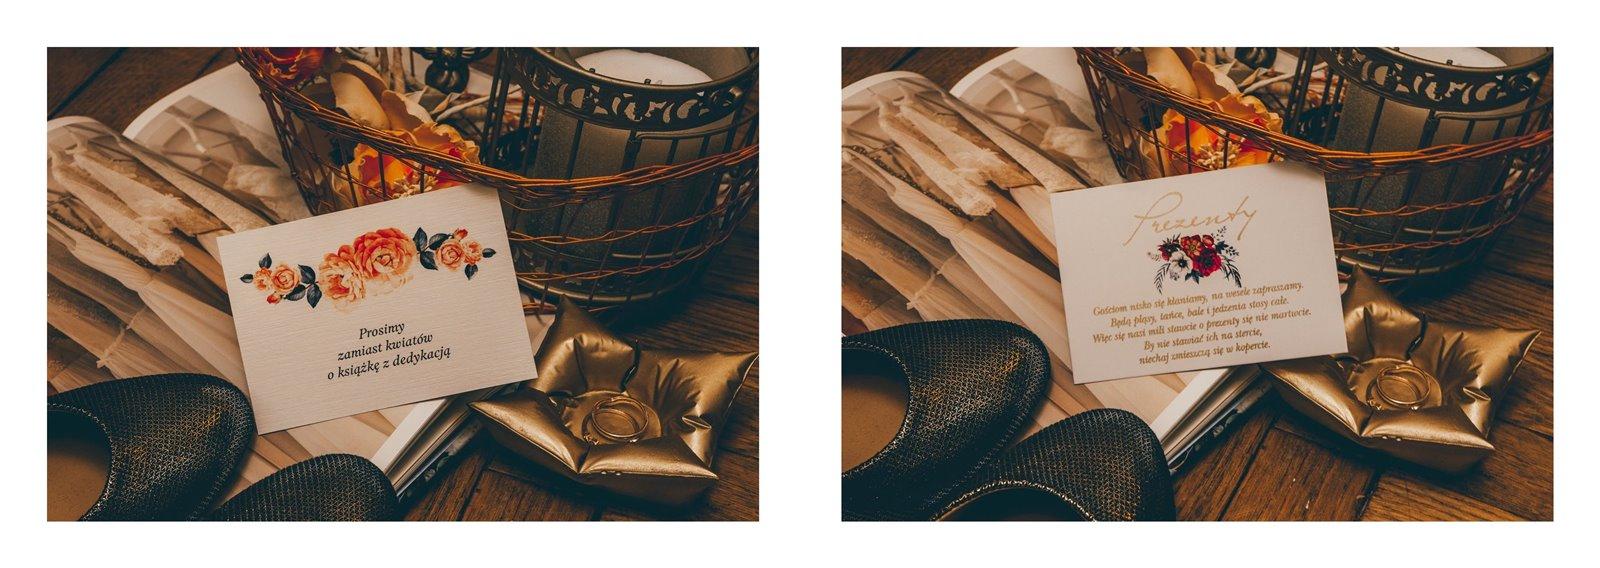 4 wierszyki prośba o pieniądze o książkę wino od gości weselnych, jak poprosić gości o pieniące ślub co zamiast kwiatów trendy w papeterii 2018 2019 2020 2021 2022 2023 2024 ślub porady wesele kolory jak dobrać motyw